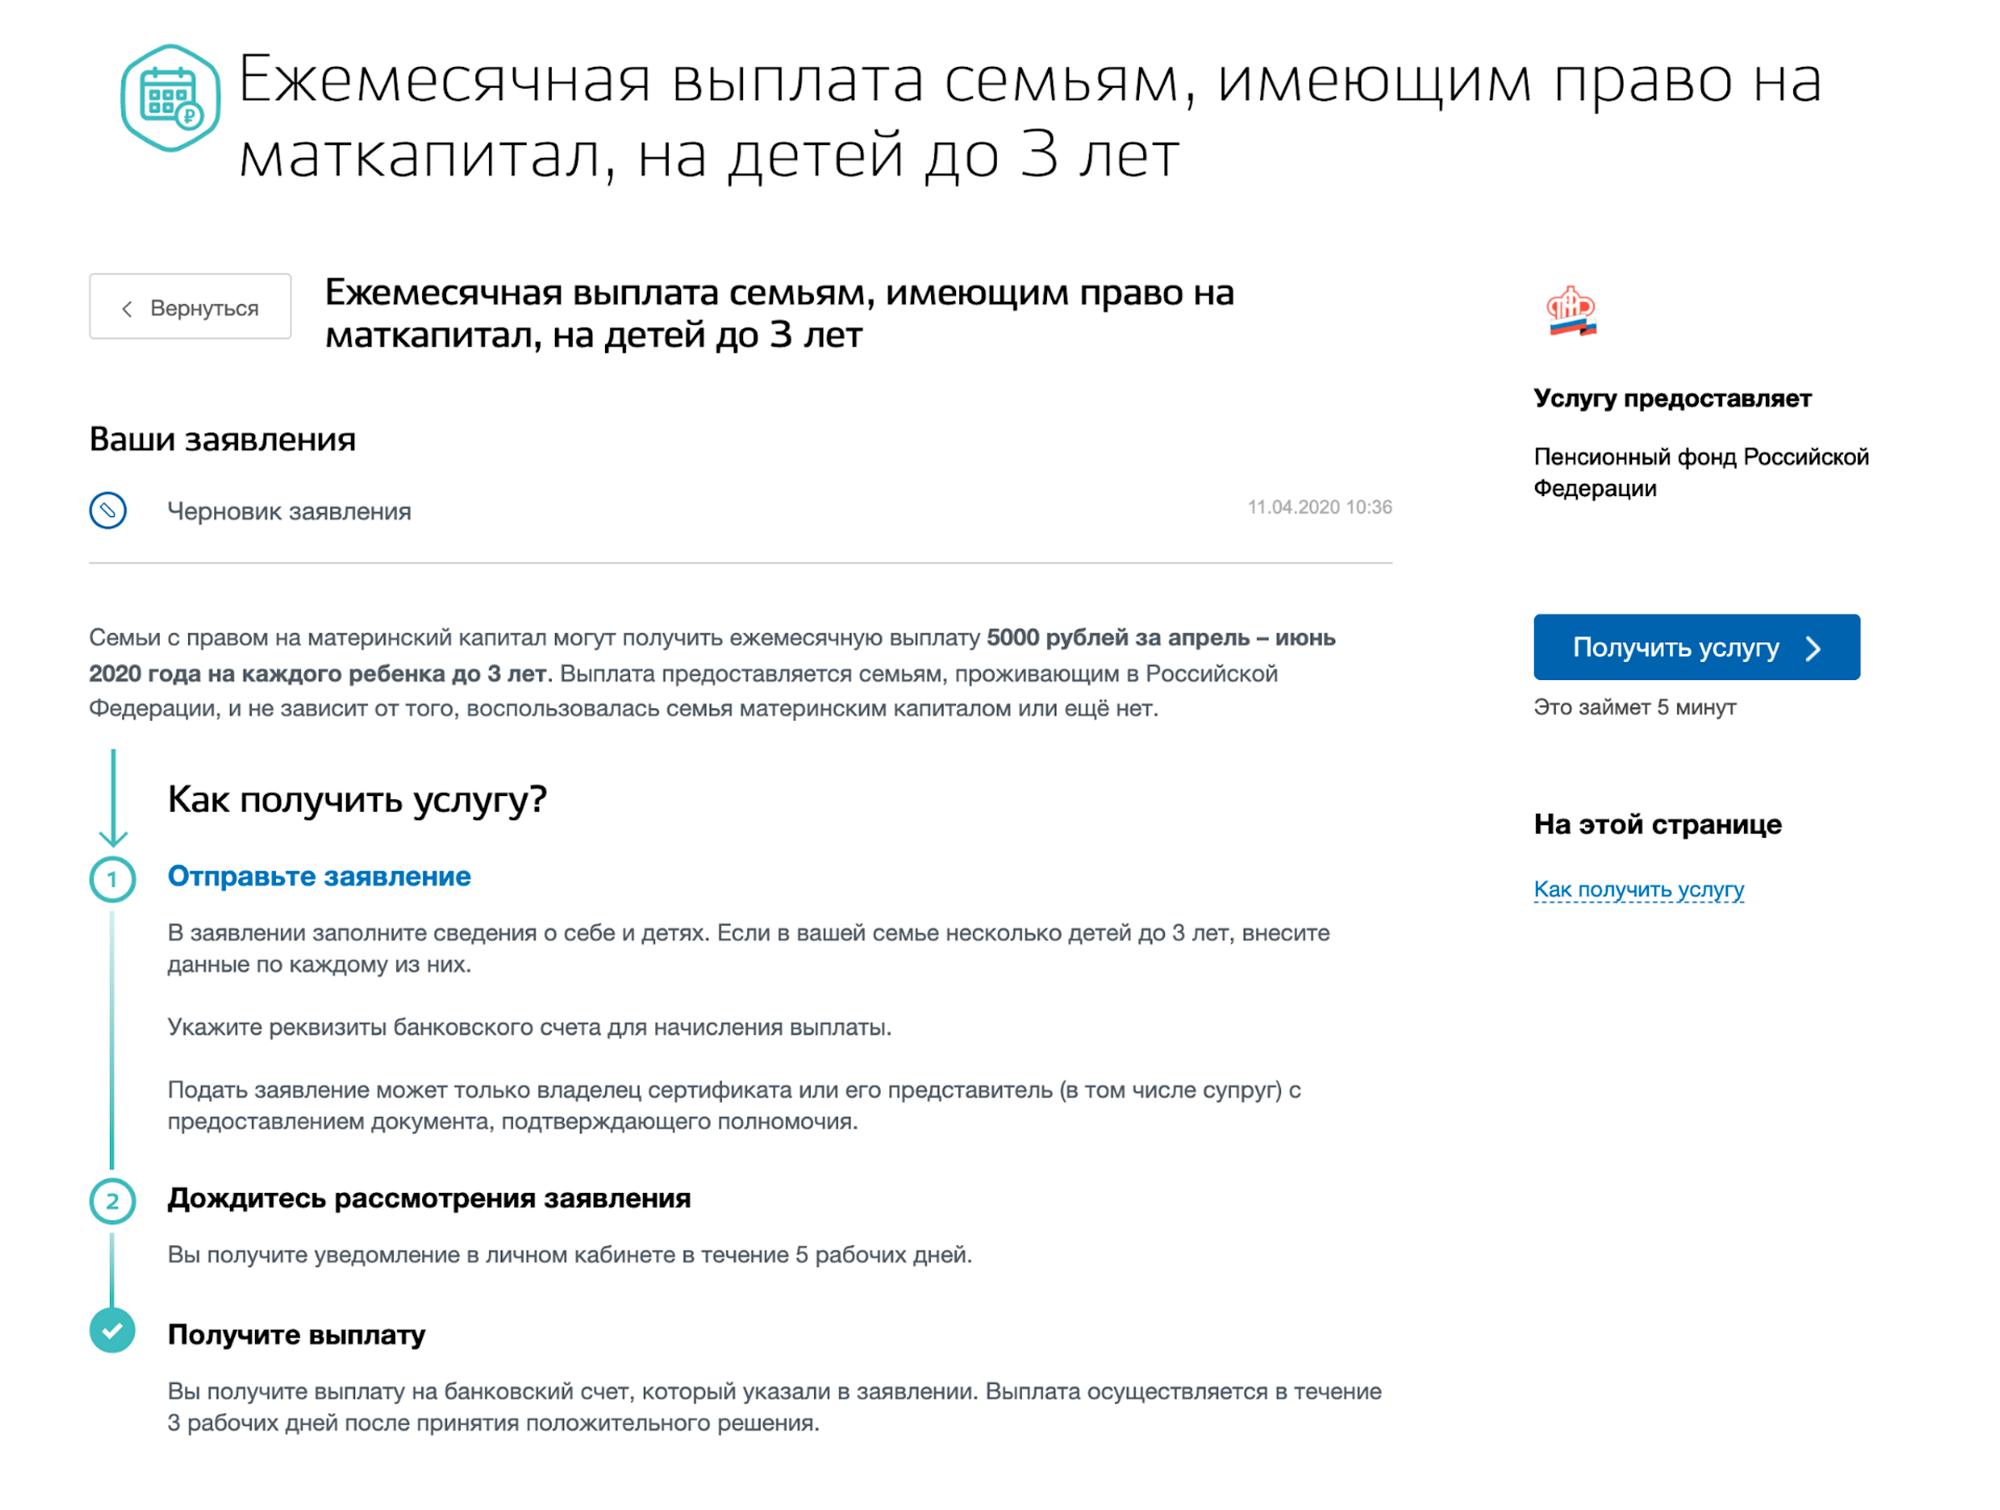 Авторизоваться можно и после выбора услуги. Если нажать на синюю кнопку, портал предложит ввести логин и пароль